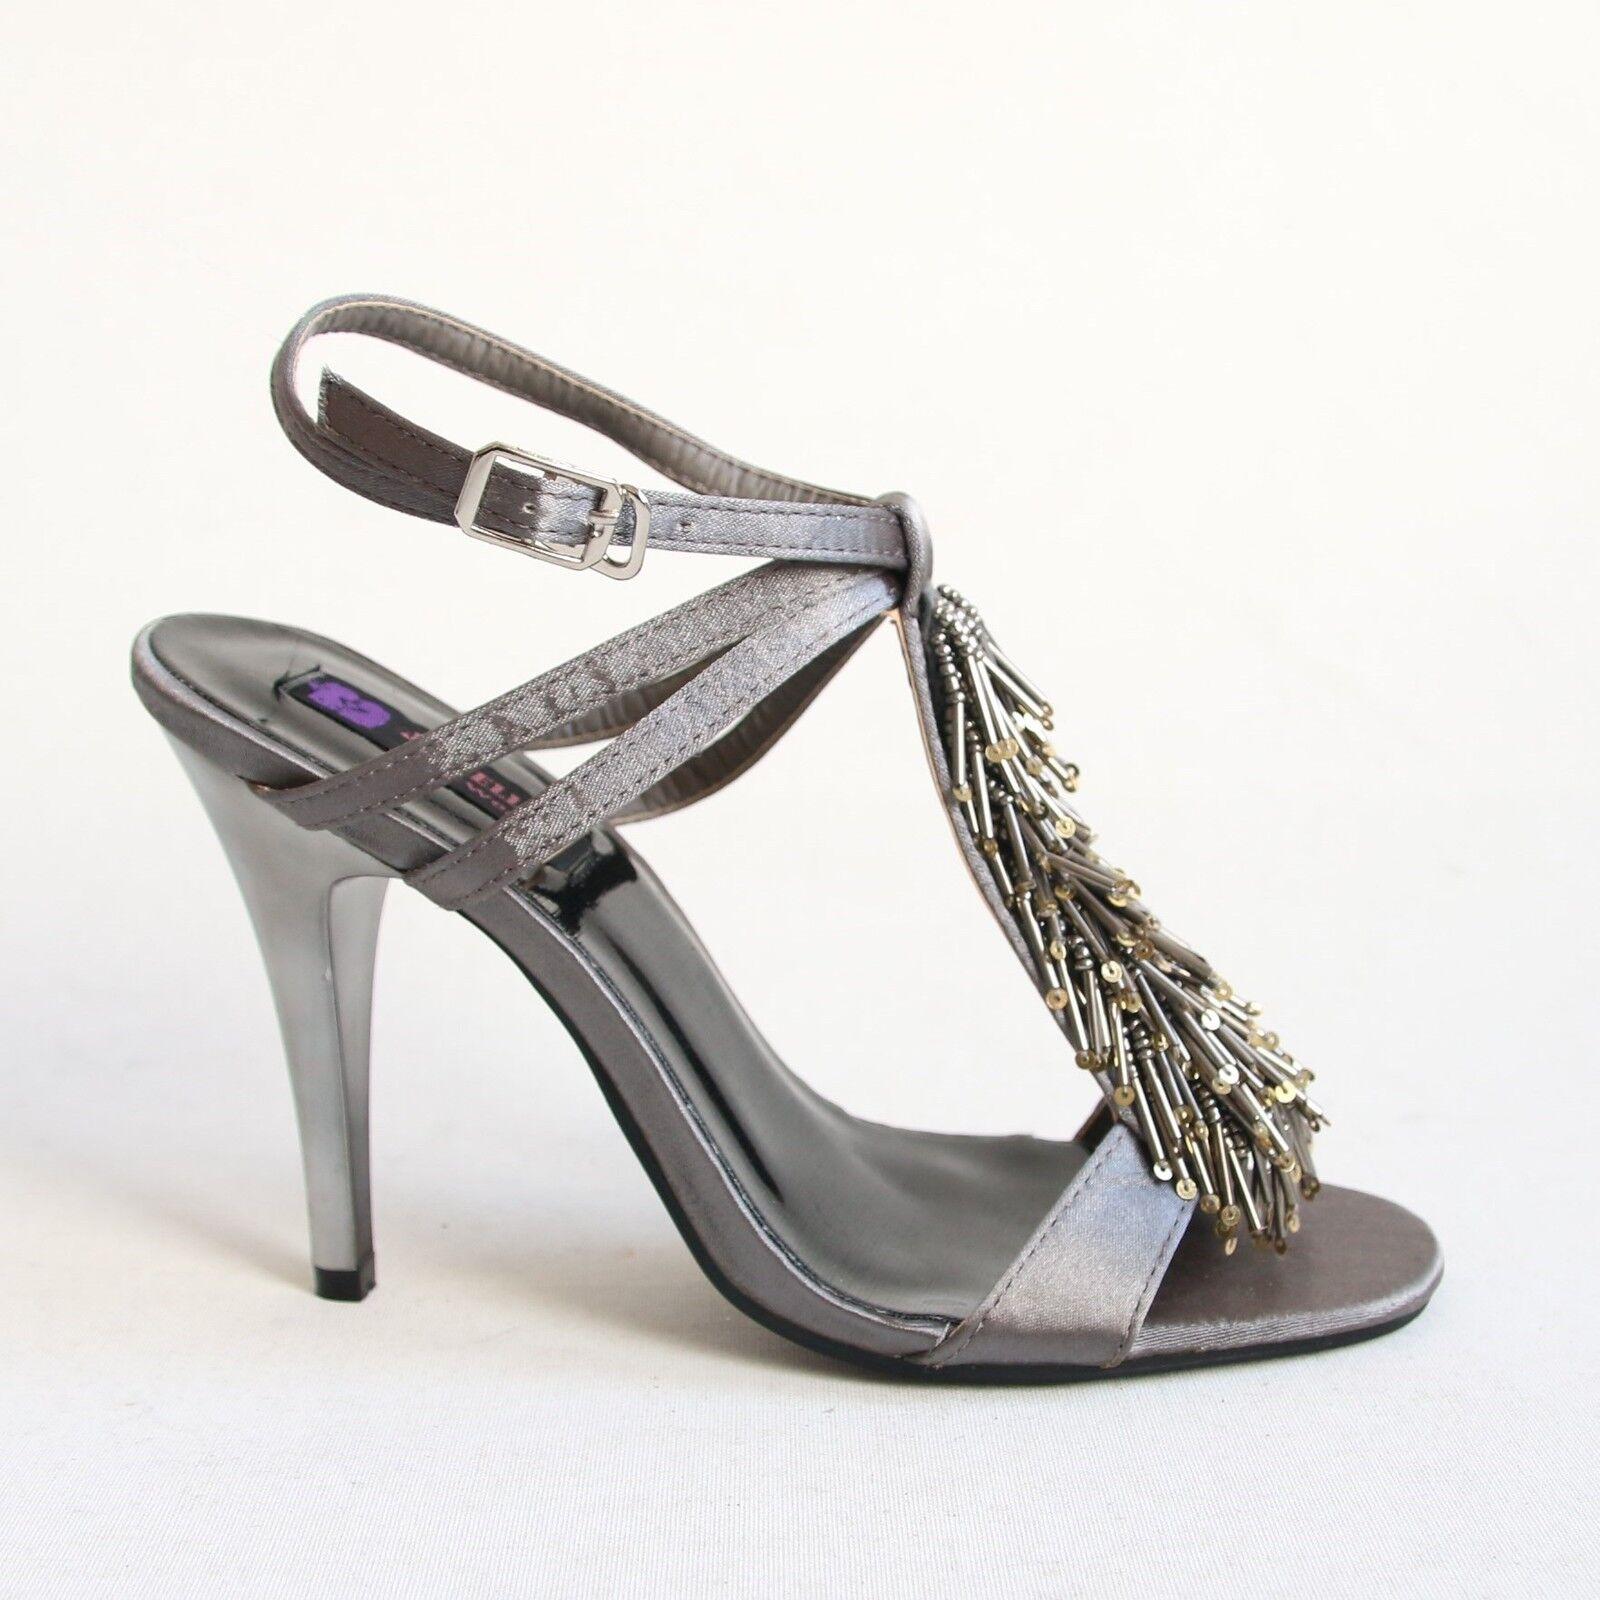 Riemchen Sandaletten 41 Grau High Heels Sandalen Pumps Stilettos Schuhe 168-10